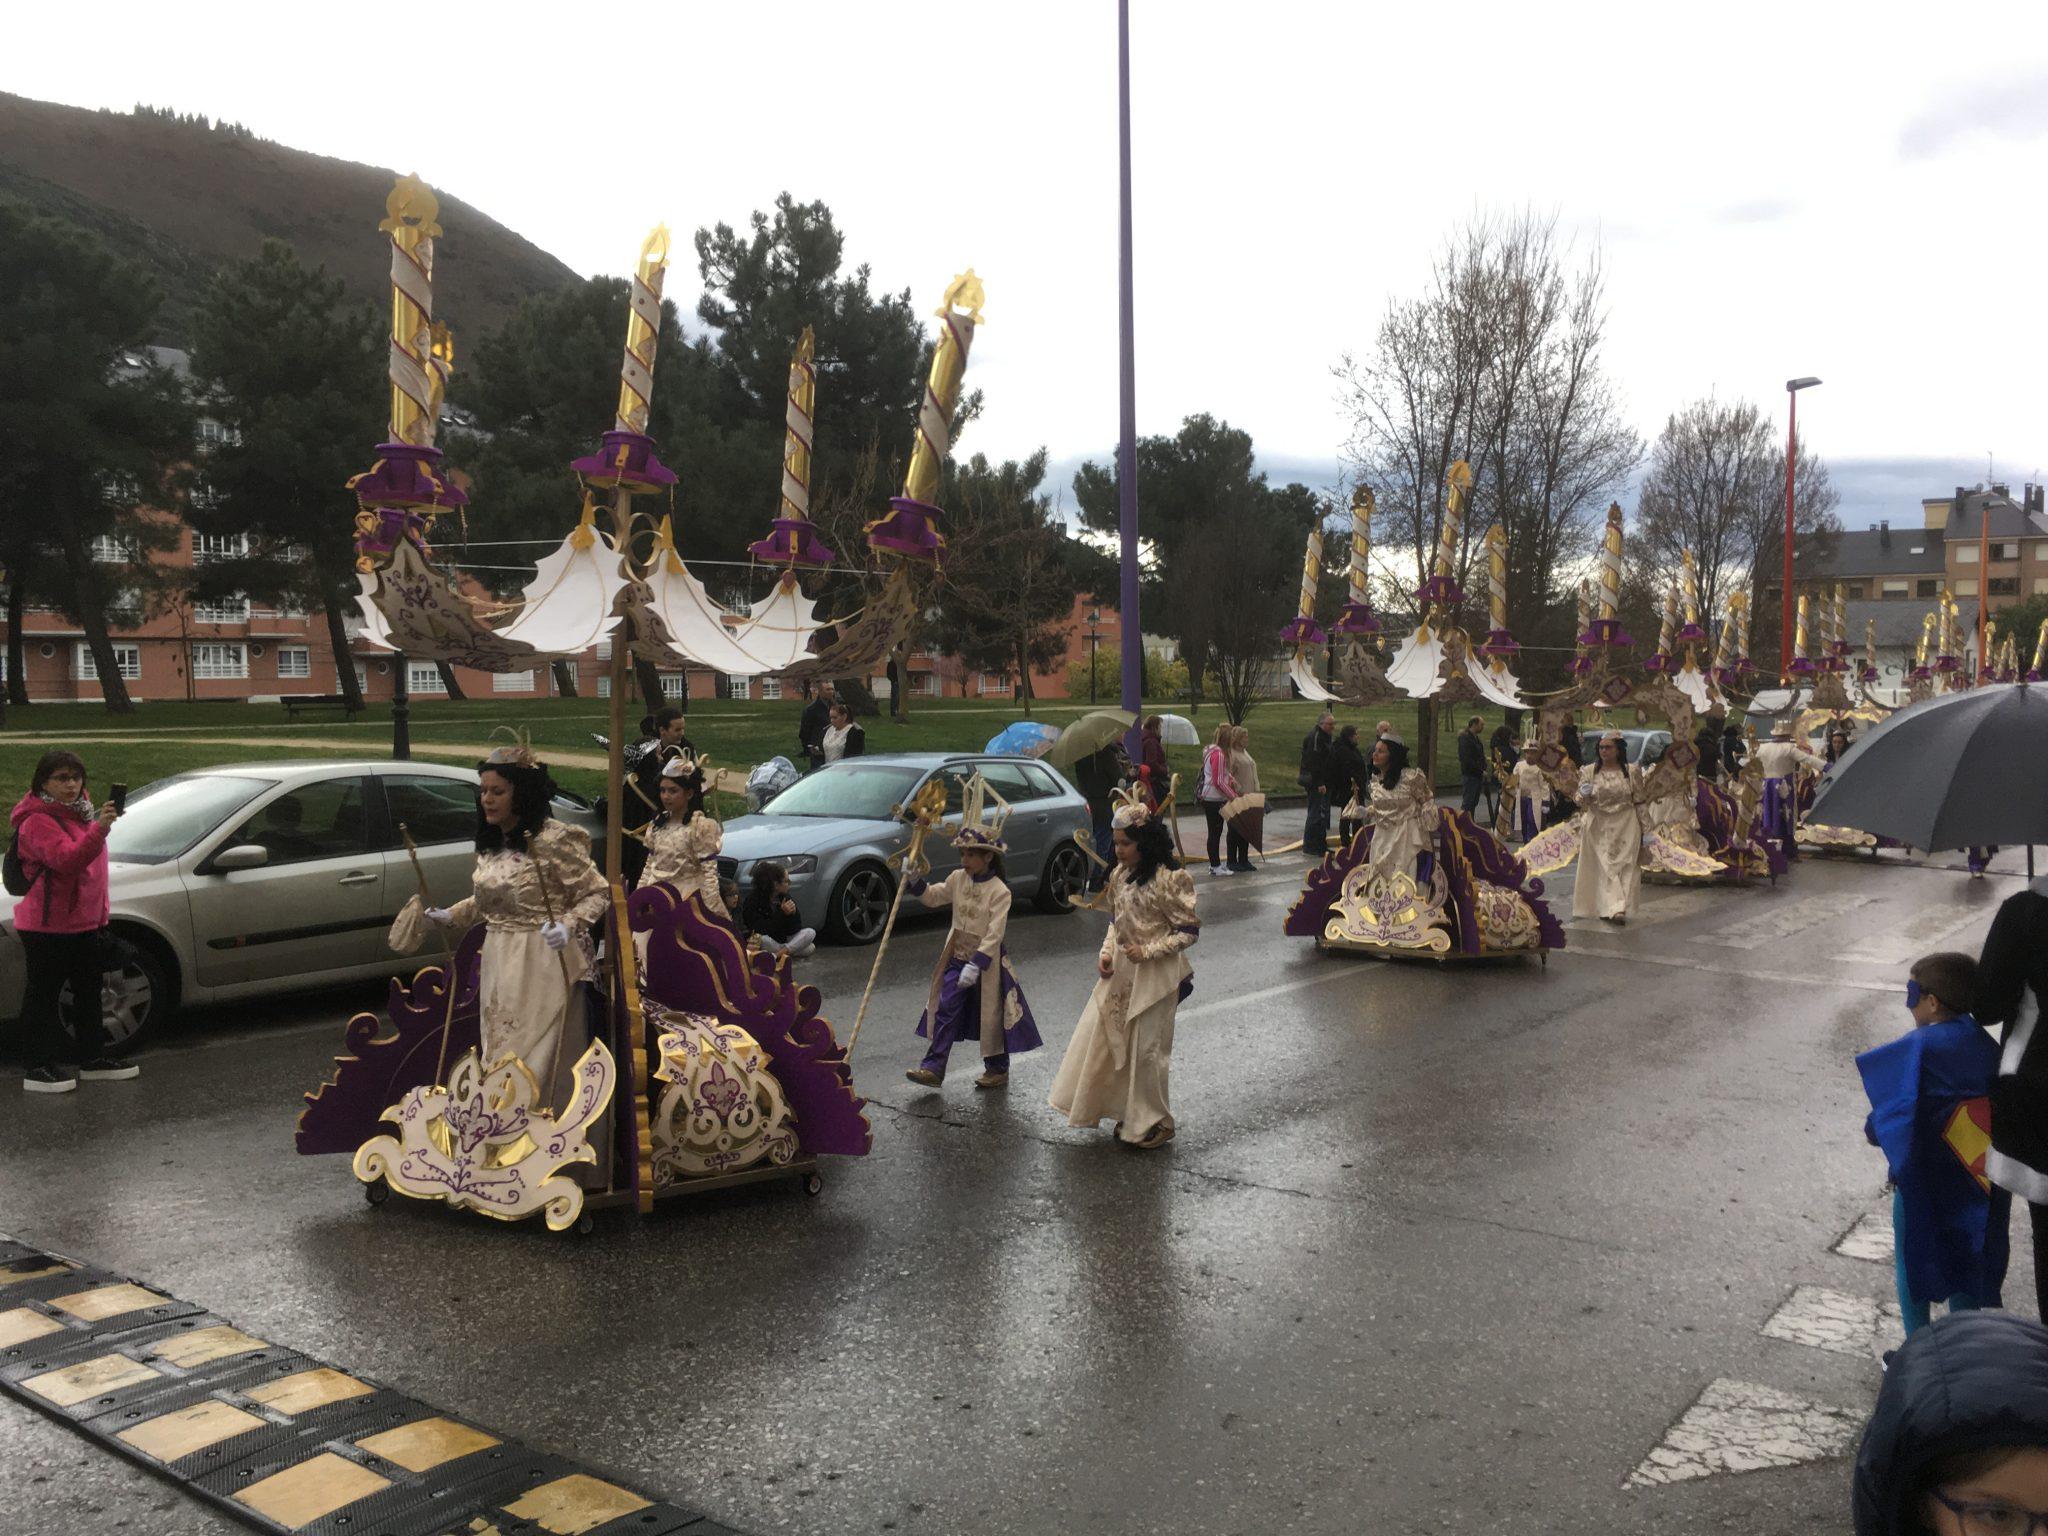 Álbum de fotos del martes de Carnaval 2019 en Ponferrada 62